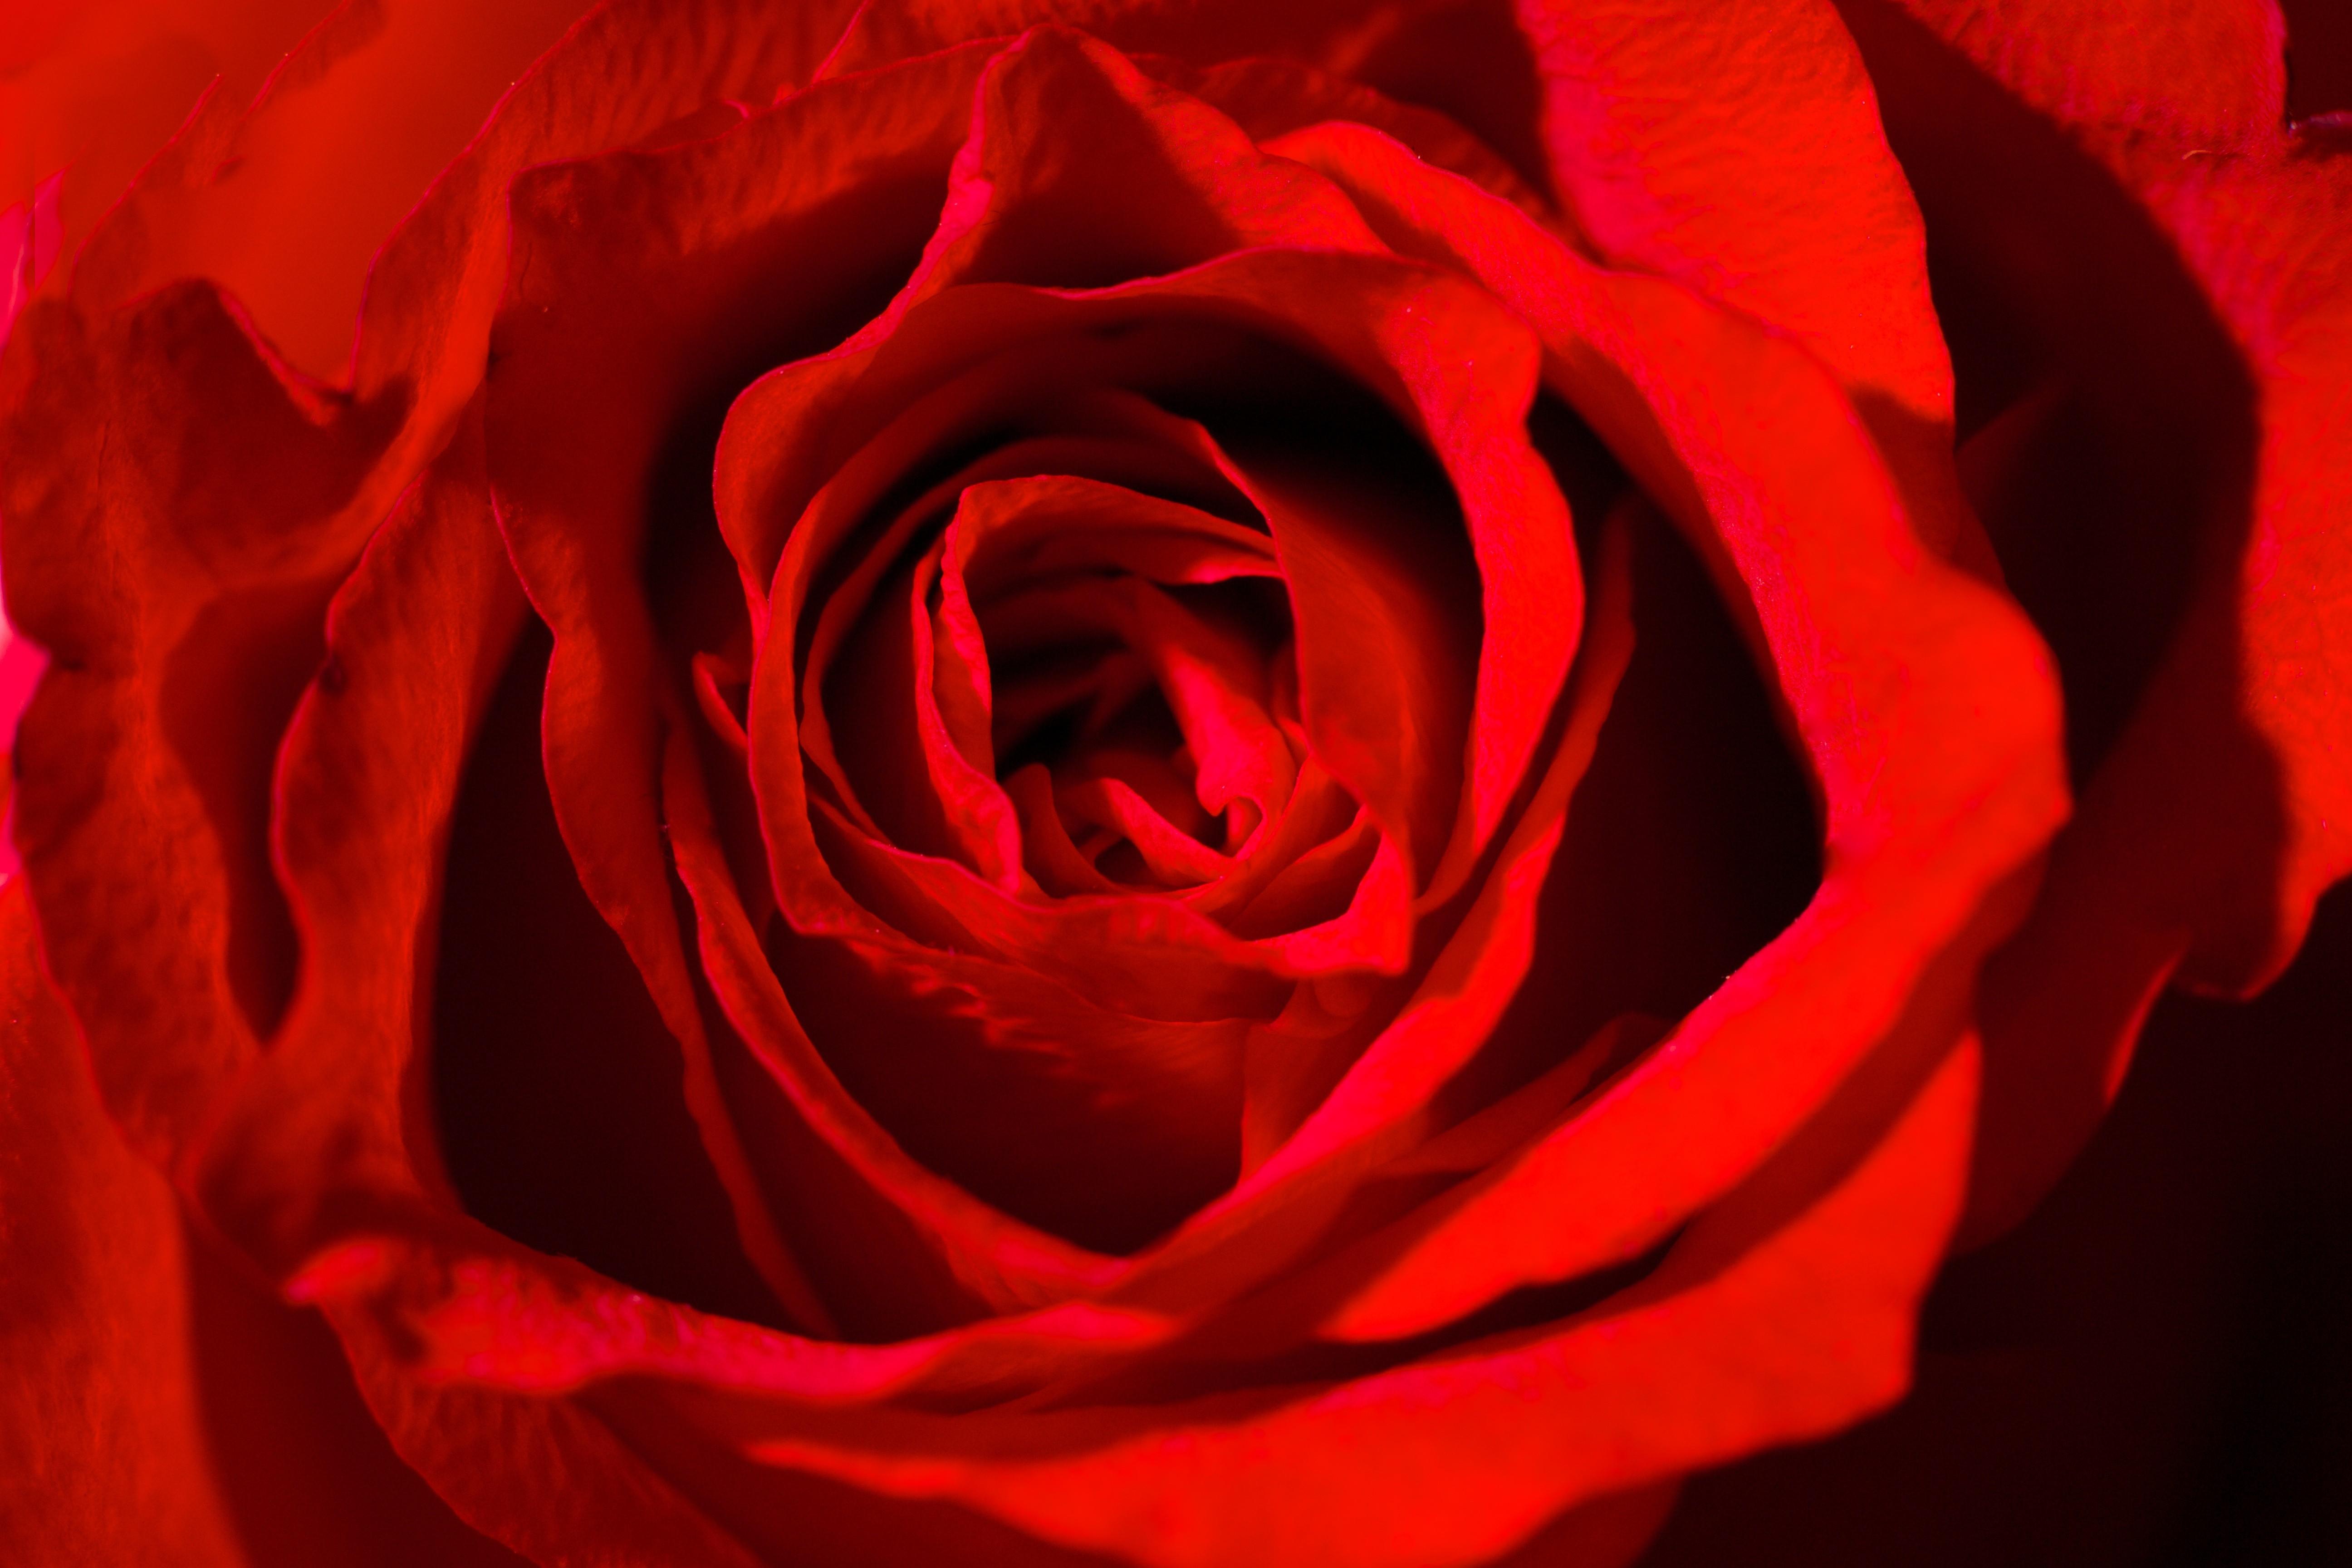 Flowers: Roses Rose Red Flowers Vibrant Amazing Flower Desktop ...